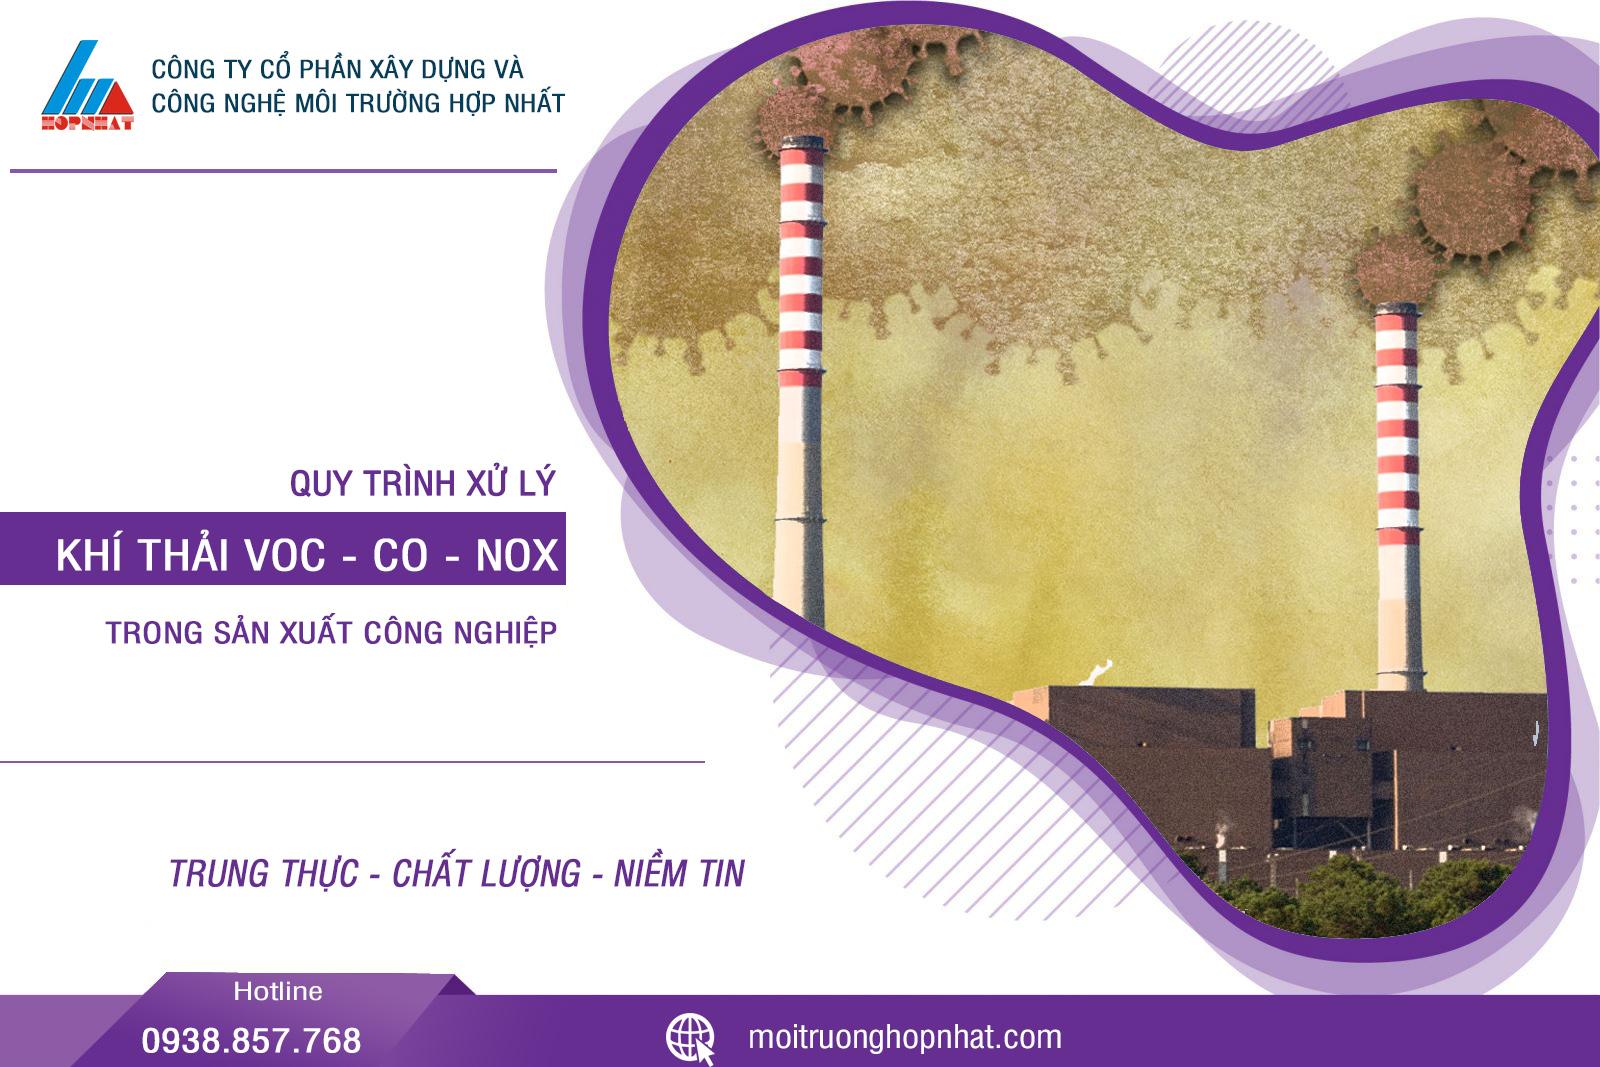 Cách xử lý VOC, CO, NOx trong khí thải công nghiệp